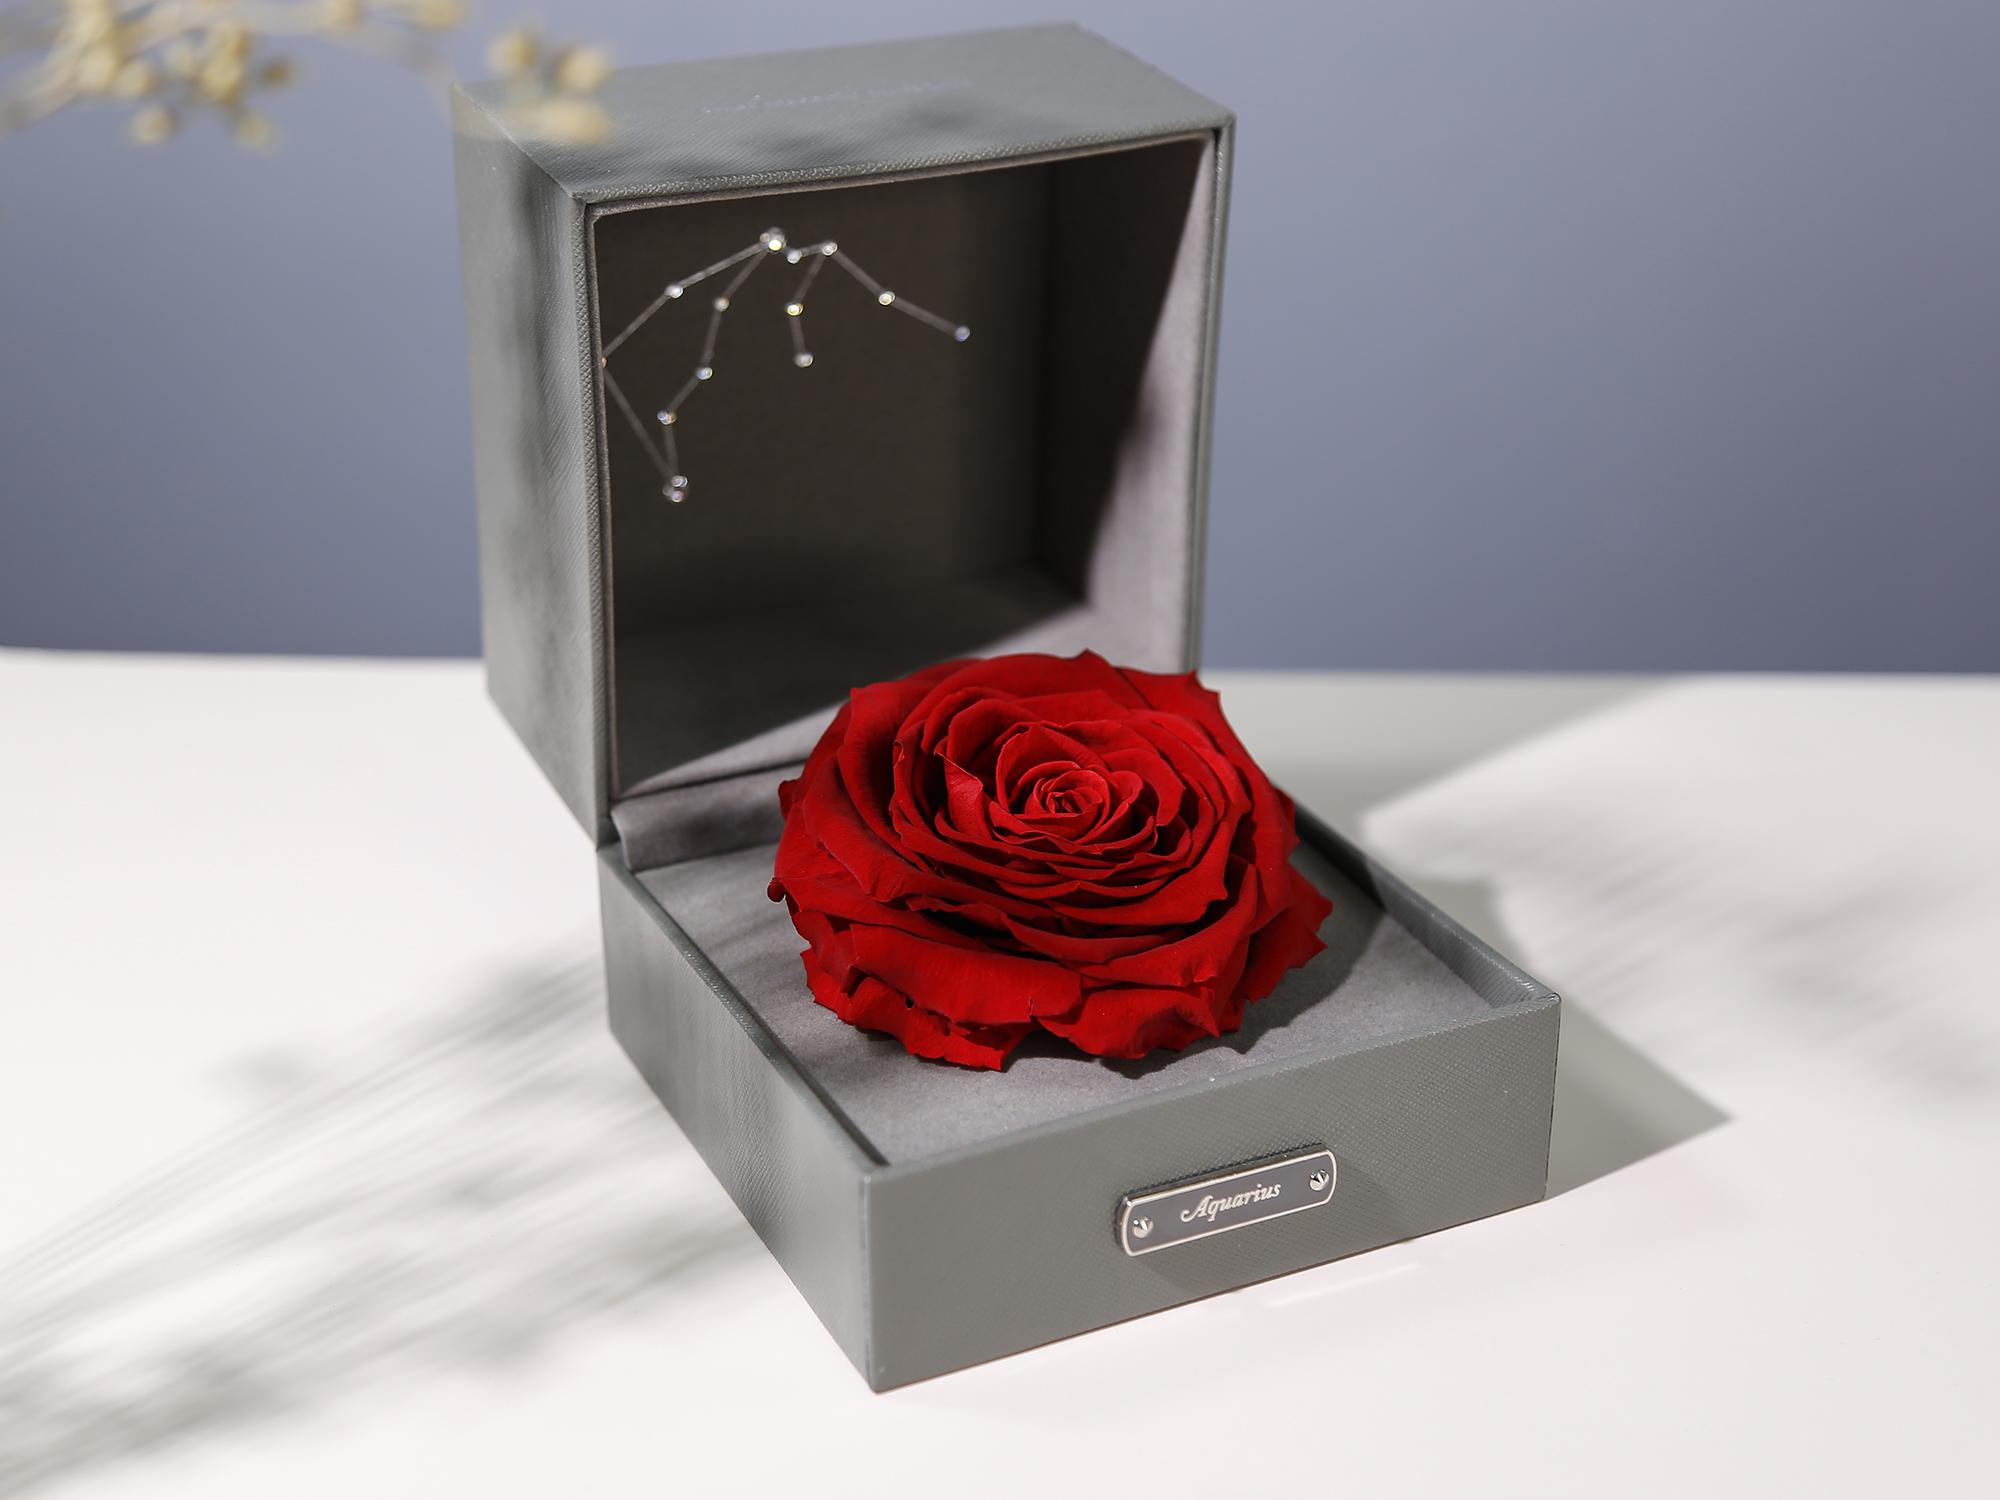 解锁星座情人节,送女友专属爱礼更撩心8